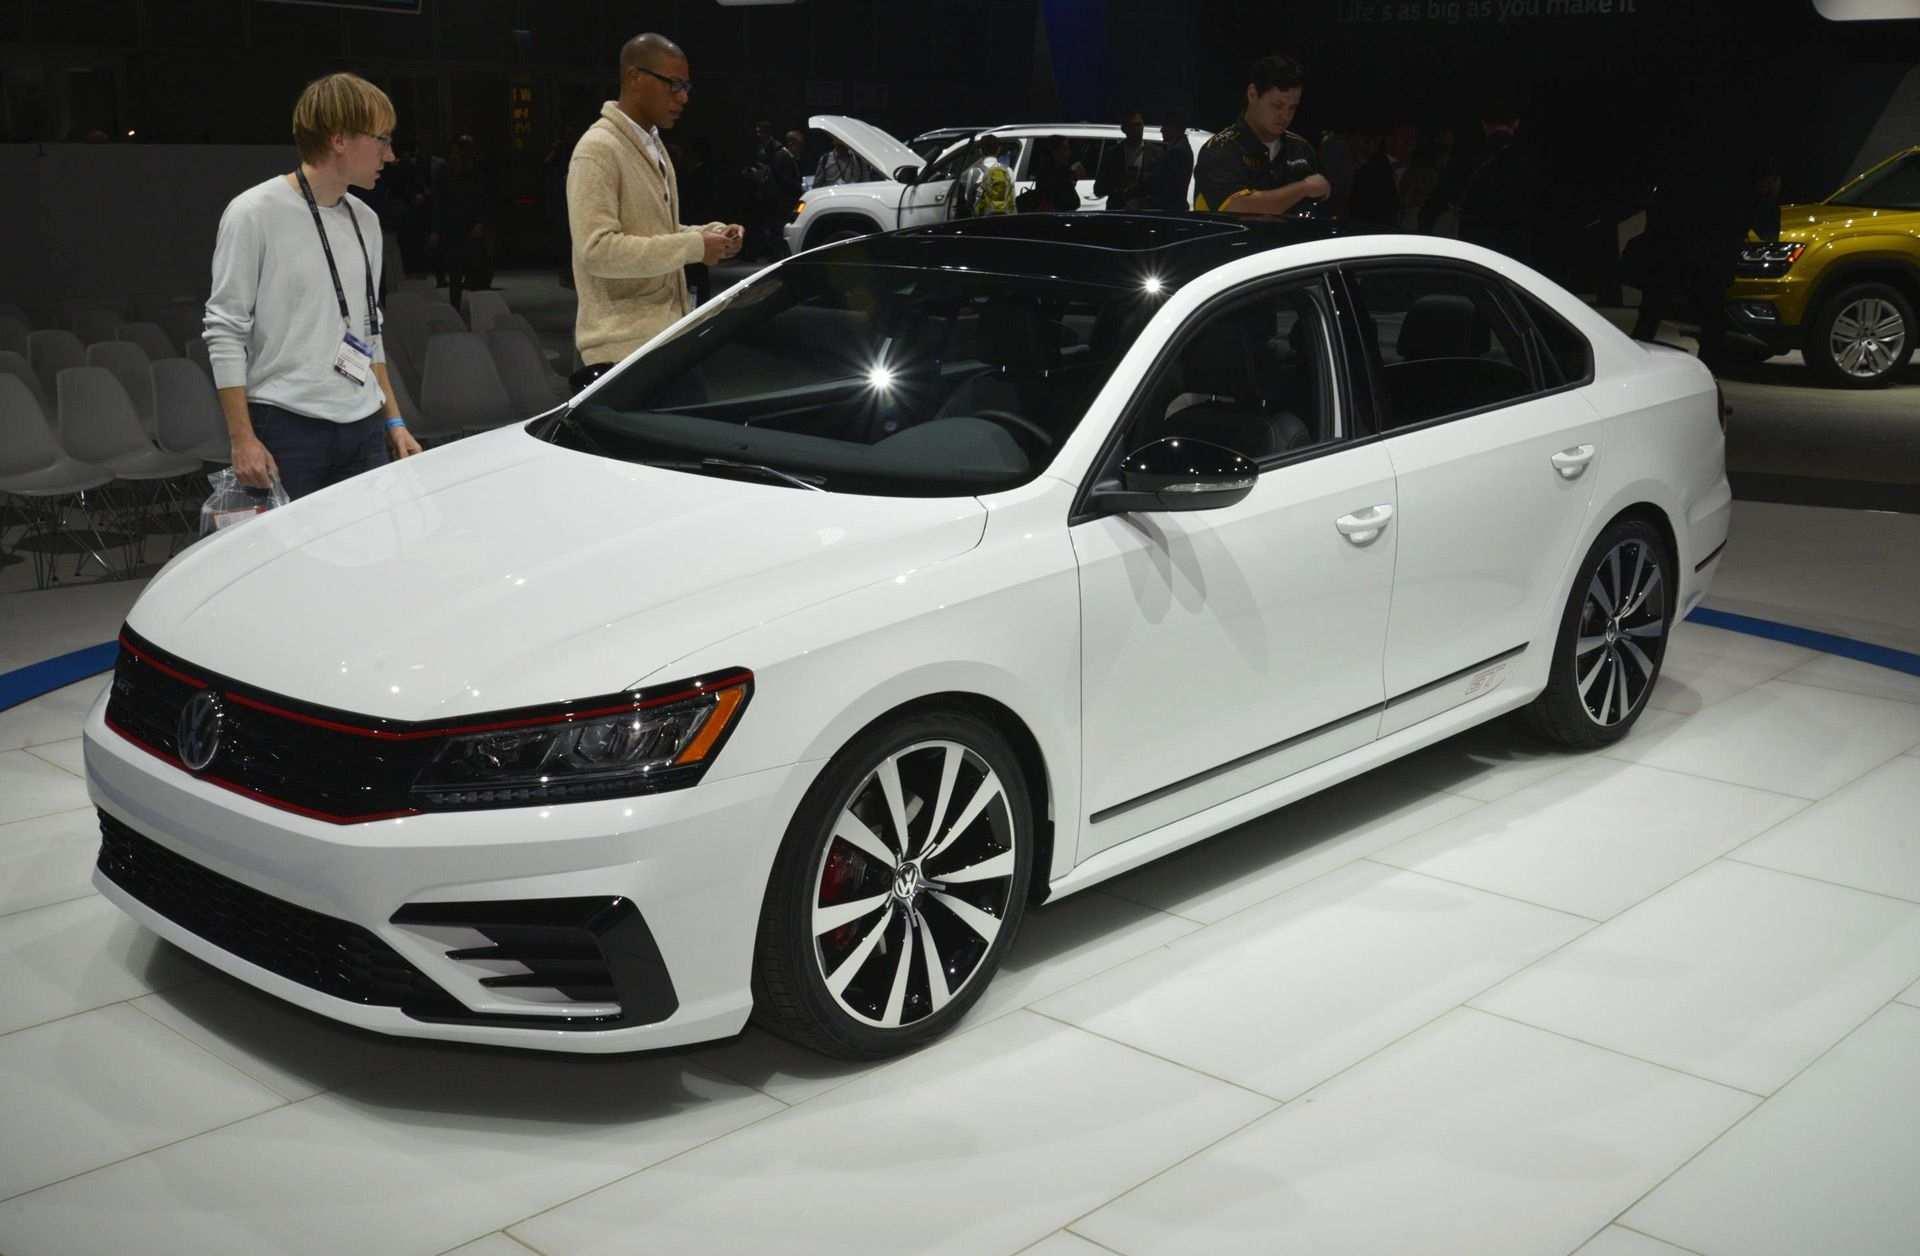 16 Gallery of Volkswagen Passat 2020 New Concept Reviews for Volkswagen Passat 2020 New Concept